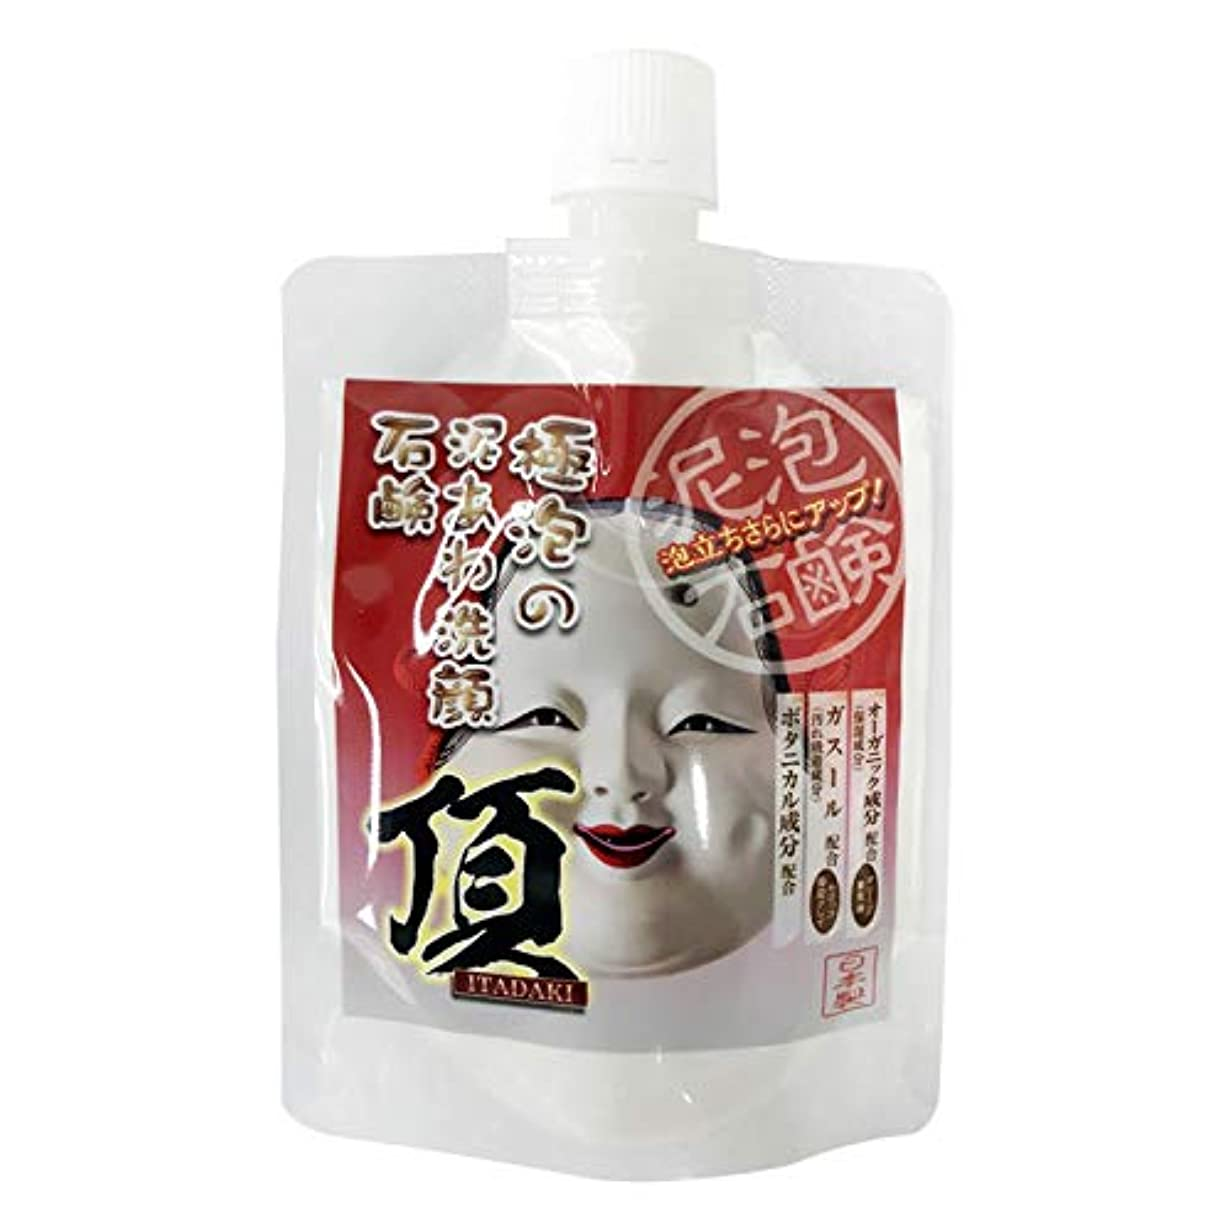 フルーツ野菜トライアスロン酸極泡の泥あわ洗顔石鹸 頂 130g ガスール 豆乳 ボタニカル 酒粕 エキス配合